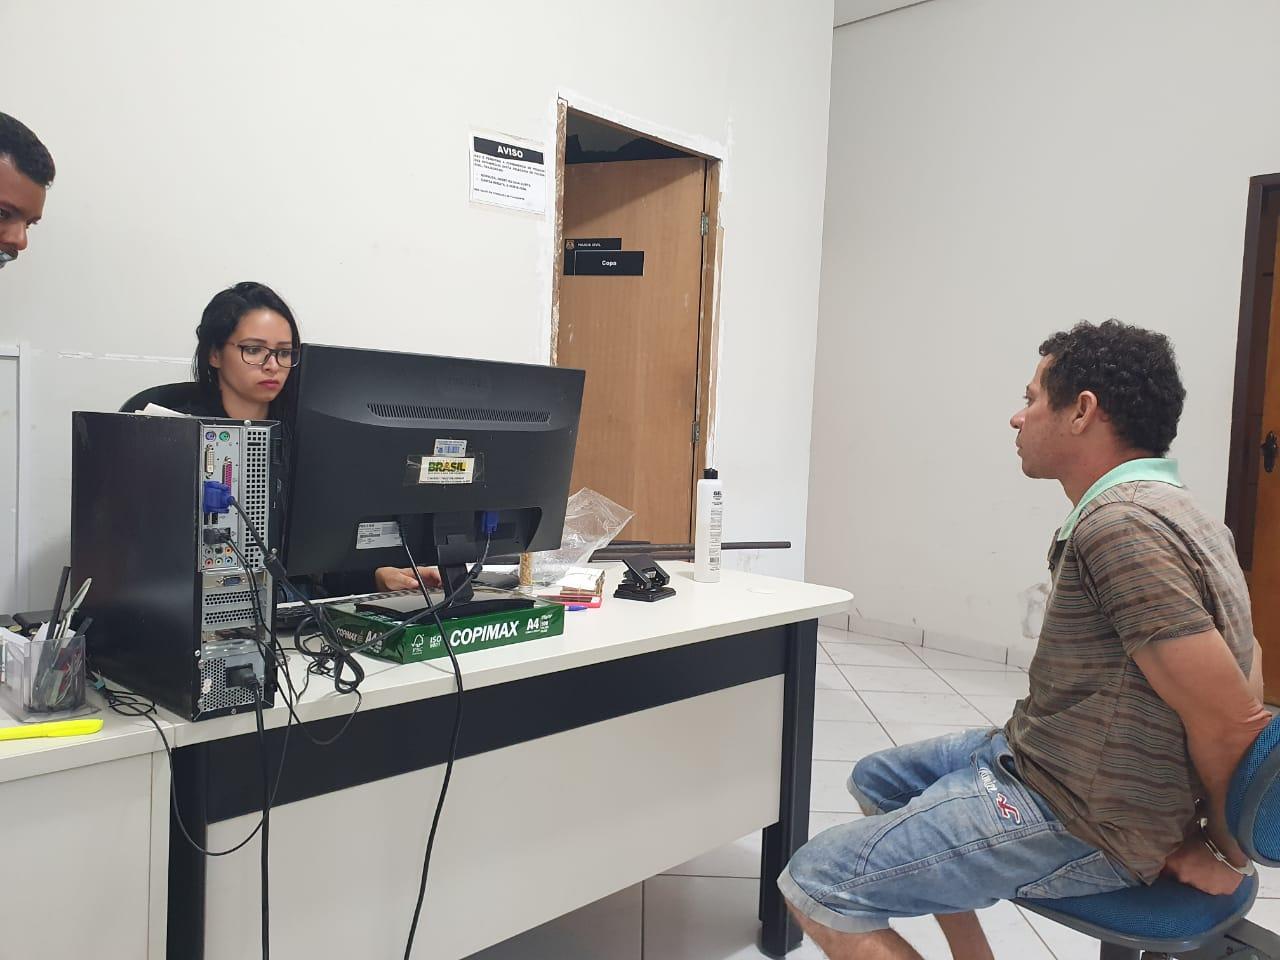 Suspeito é apresentado na delegacia de Polícia Civil de Xambioá - TO - Foto: Polícia Civil/Divulgação